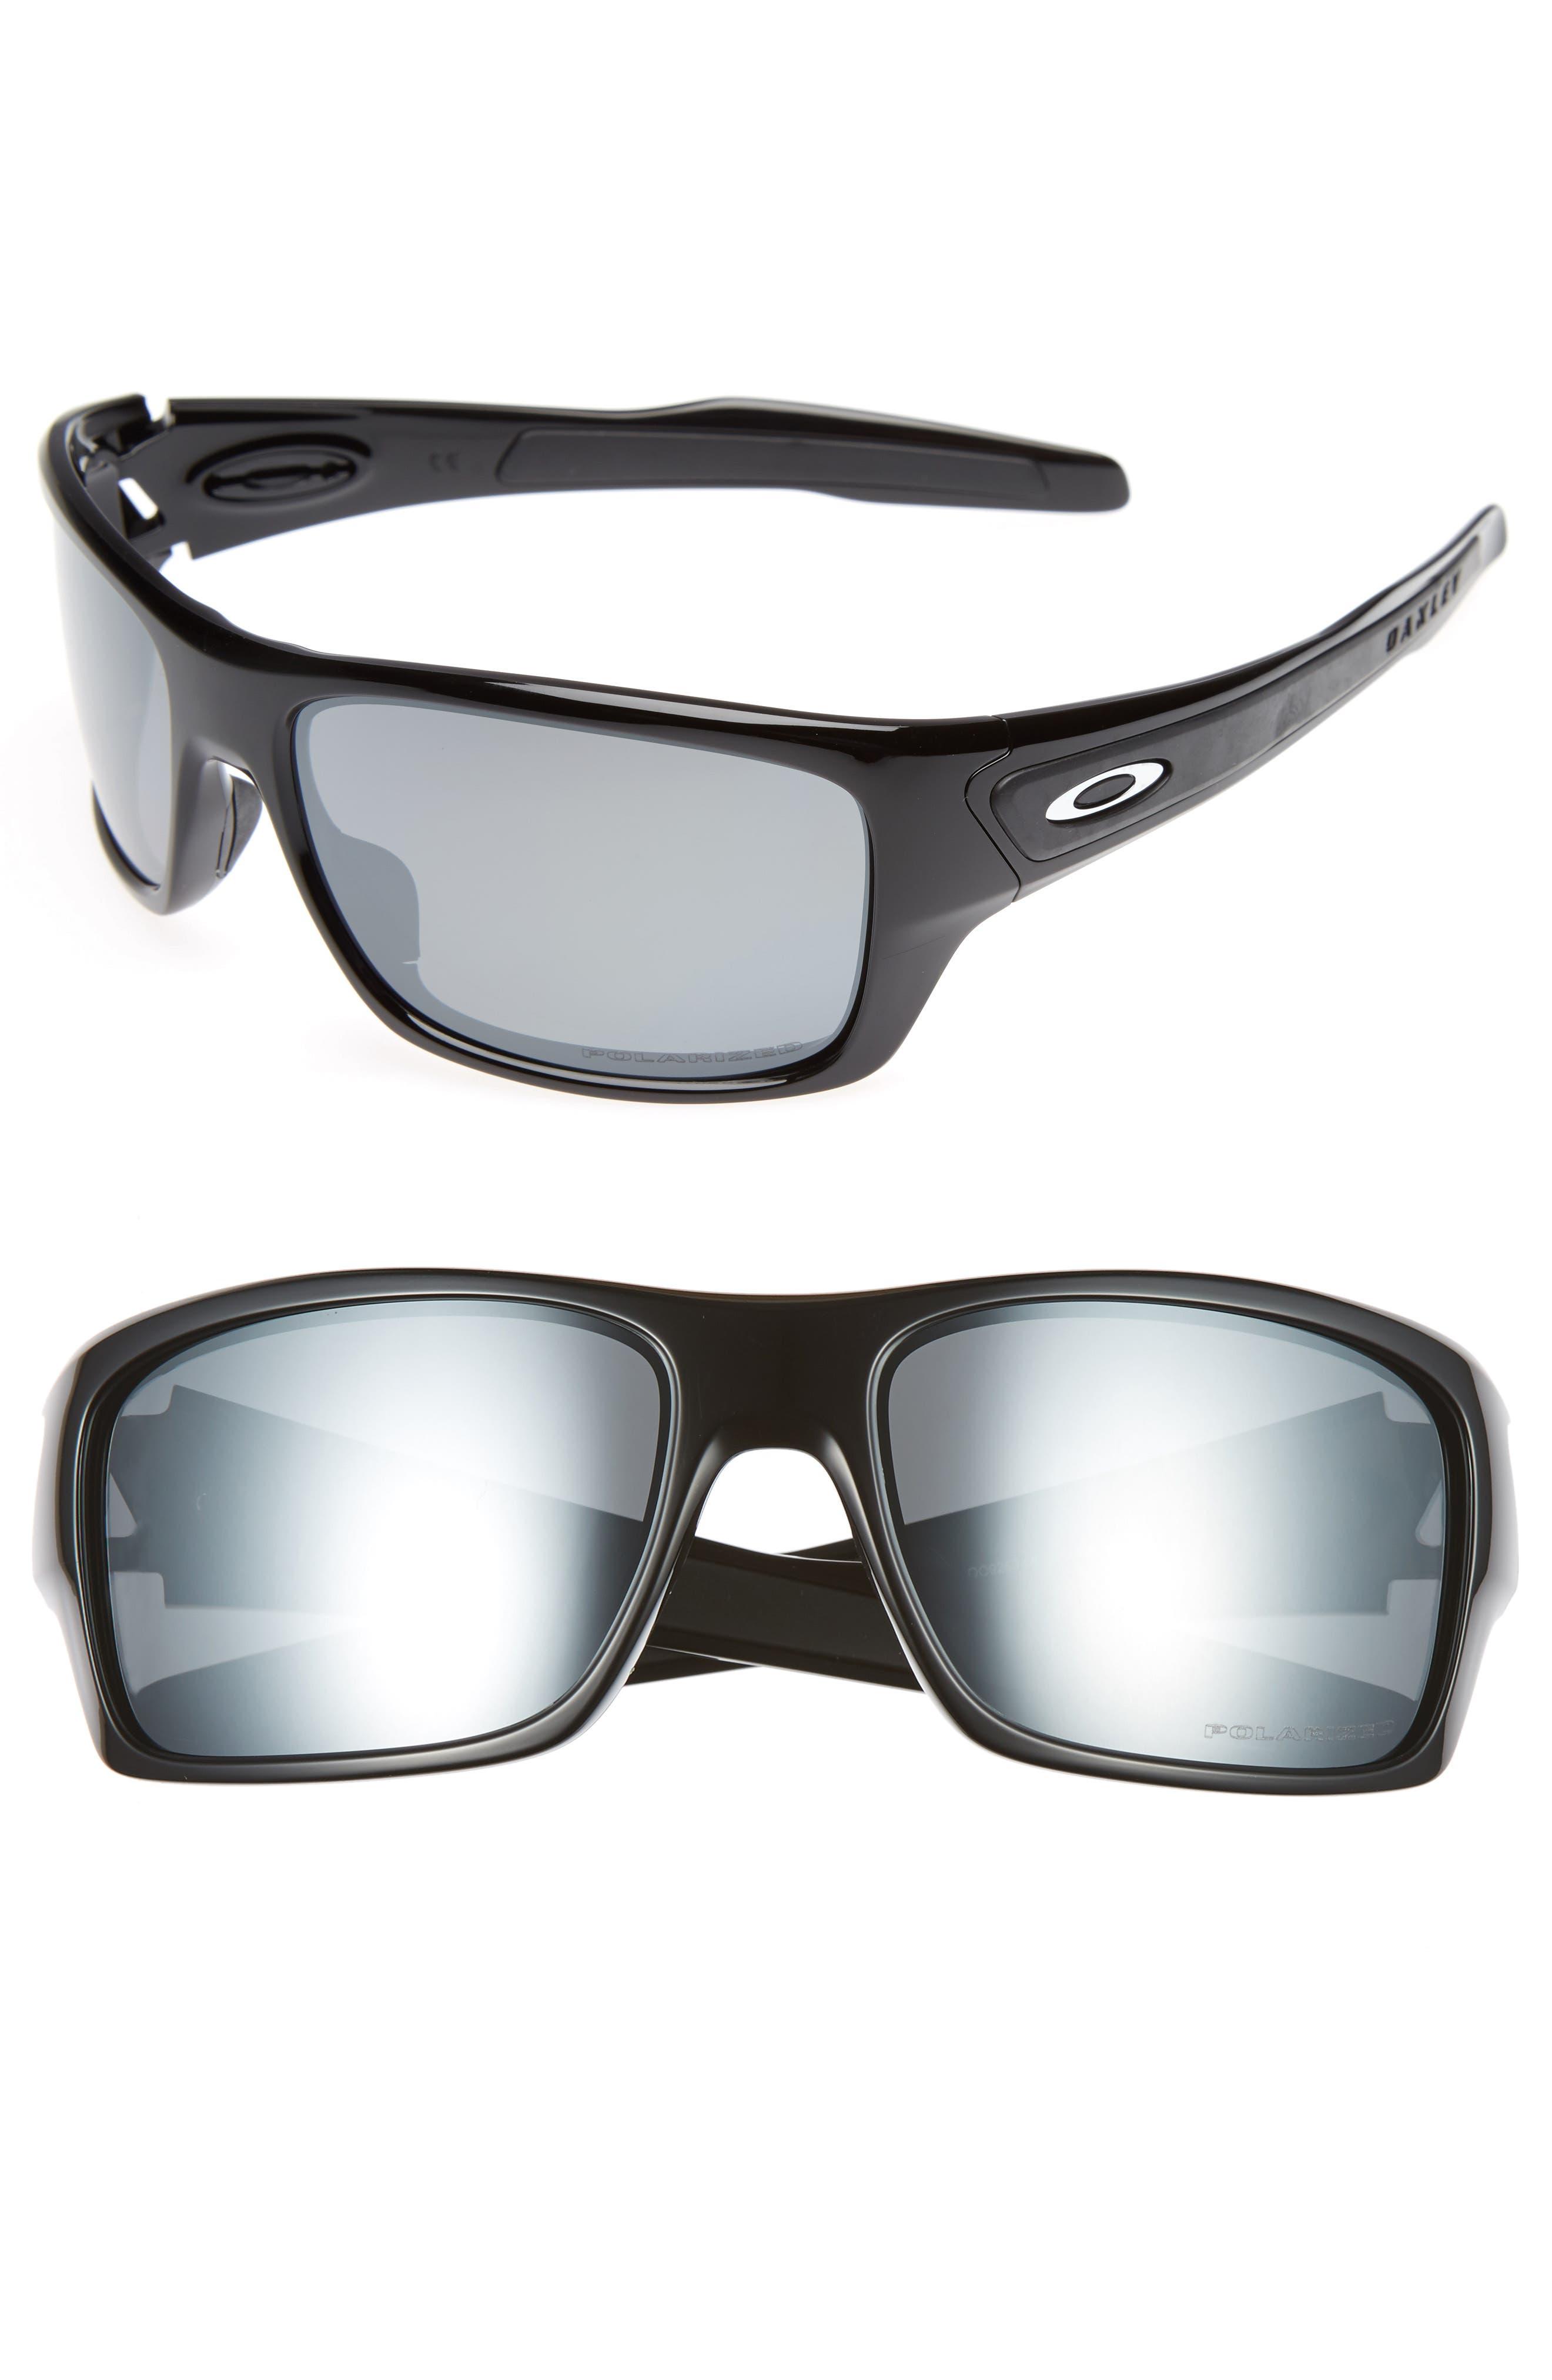 Turbine 65mm Polarized Sunglasses,                             Main thumbnail 1, color,                             Black